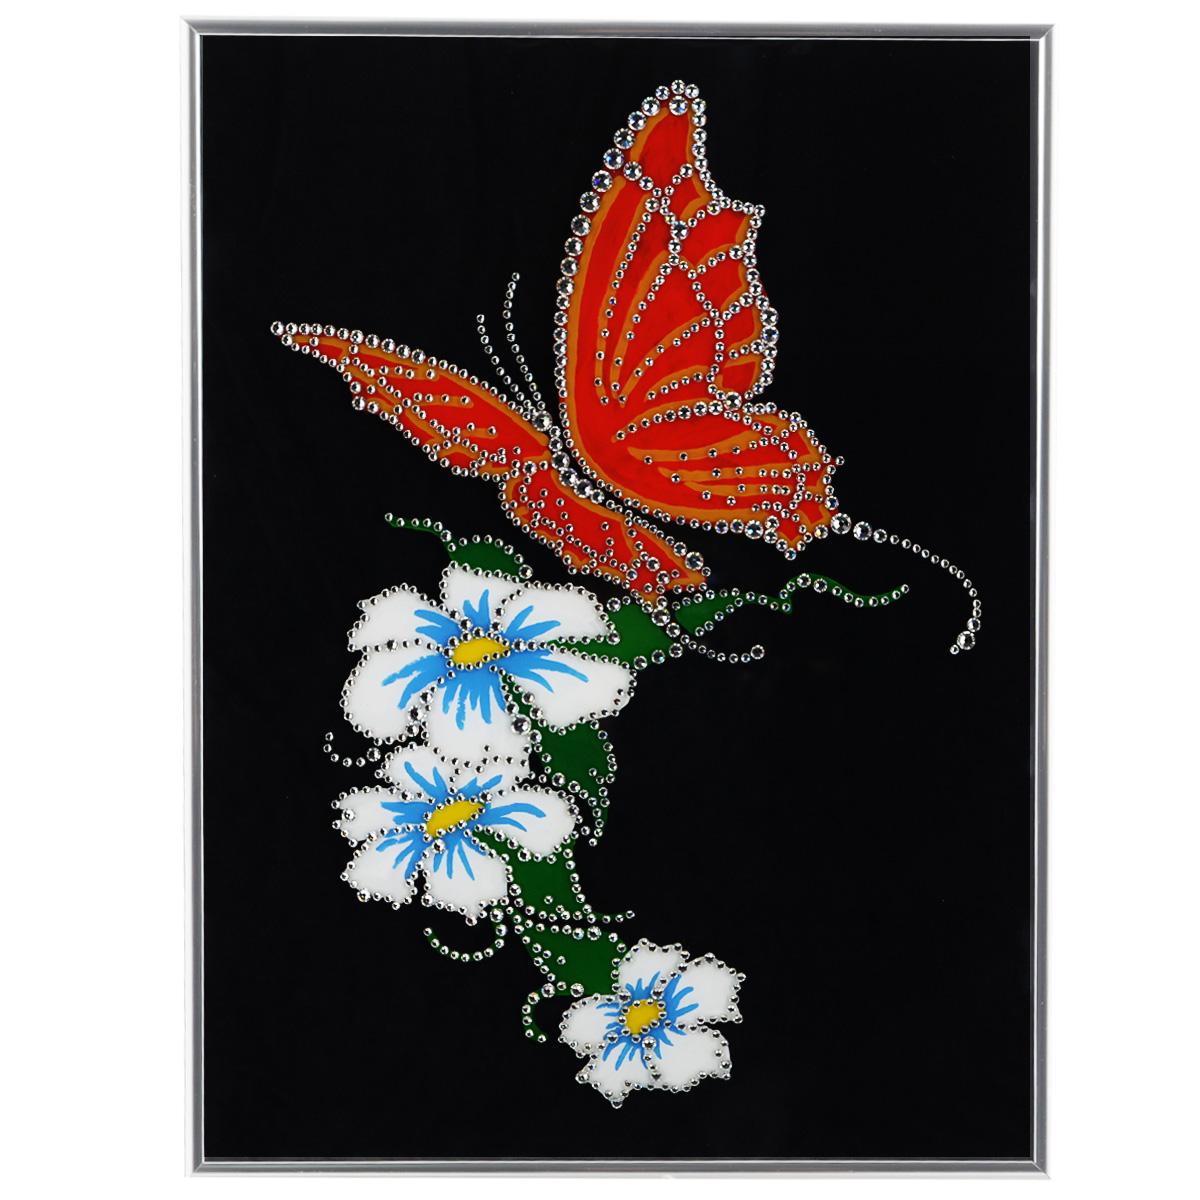 Картина с кристаллами Swarovski Бабочка, 30 х 40 см1055Изящная картина в металлической раме, инкрустирована кристаллами Swarovski, которые отличаются четкой и ровной огранкой, ярким блеском и чистотой цвета. Красочное изображение цветов и бабочки, расположенное под стеклом, прекрасно дополняет блеск кристаллов. С обратной стороны имеется металлическая петелька для размещения картины на стене. Картина с кристаллами Swarovski Бабочка элегантно украсит интерьер дома или офиса, а также станет прекрасным подарком, который обязательно понравится получателю. Блеск кристаллов в интерьере, что может быть сказочнее и удивительнее. Картина упакована в подарочную картонную коробку синего цвета и комплектуется сертификатом соответствия Swarovski.